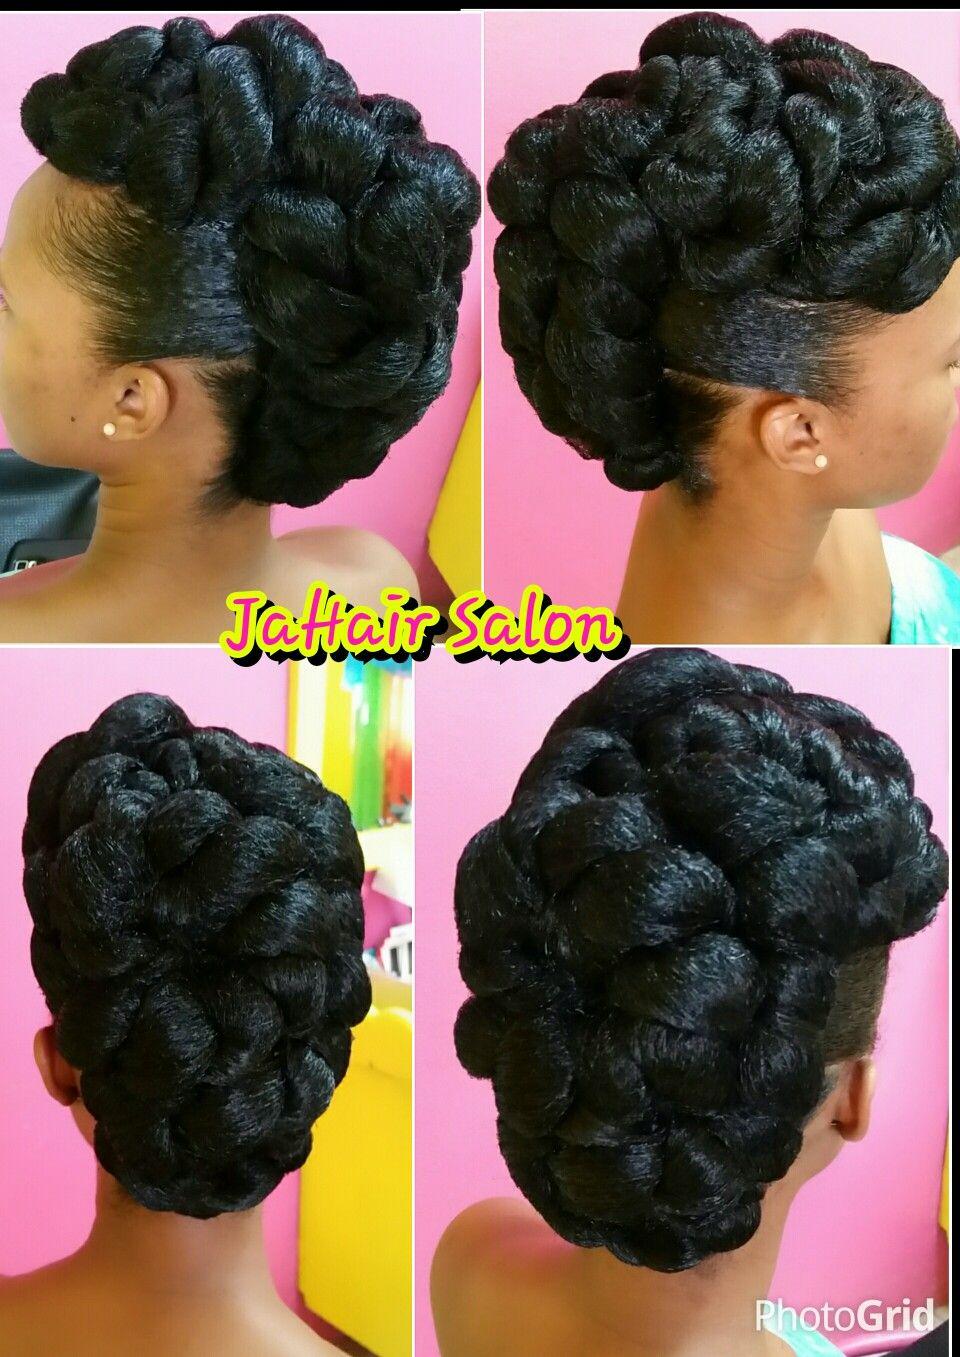 Natural hair hairstylessssssssssssssssssssssssssssss pinterest